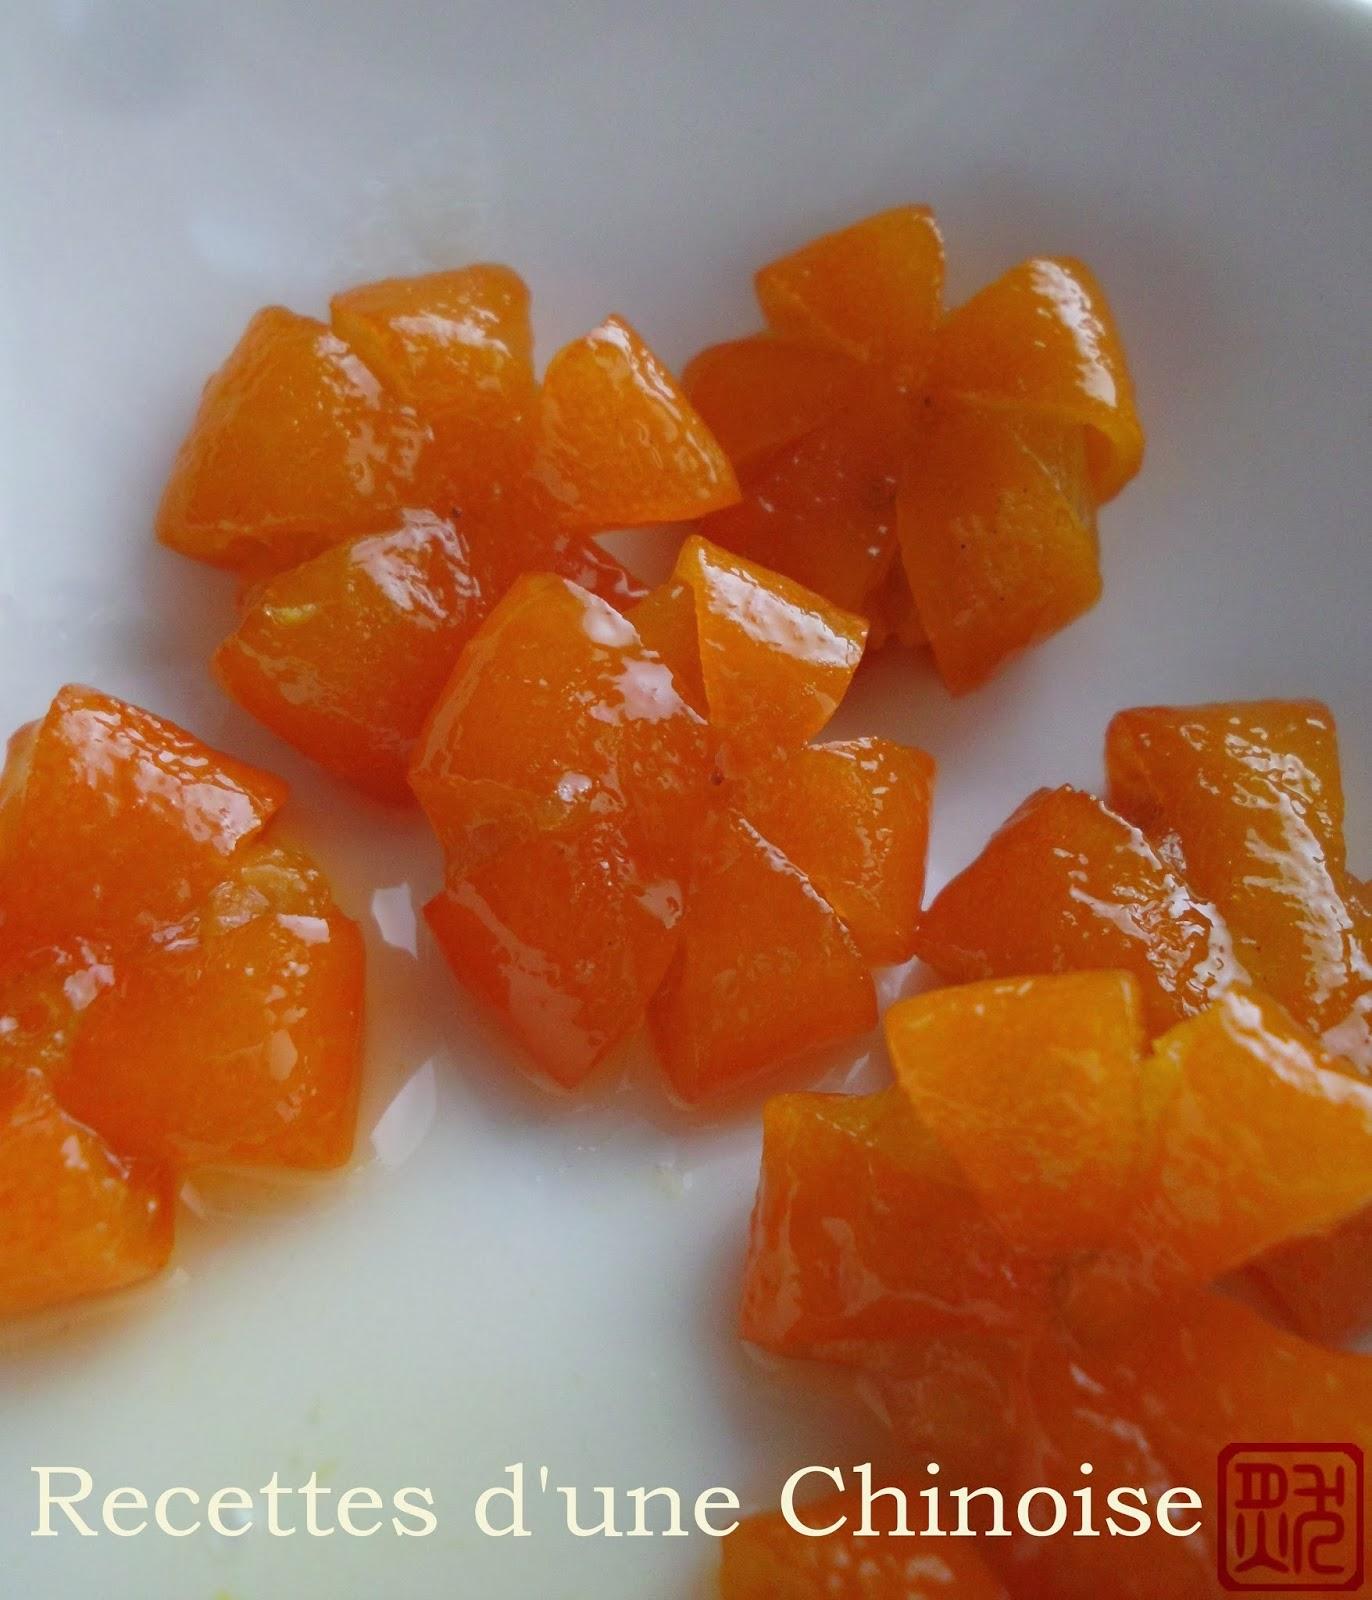 Recettes d\u0027une Chinoise Kumquats confits 蜜金桔 mì jīnjú